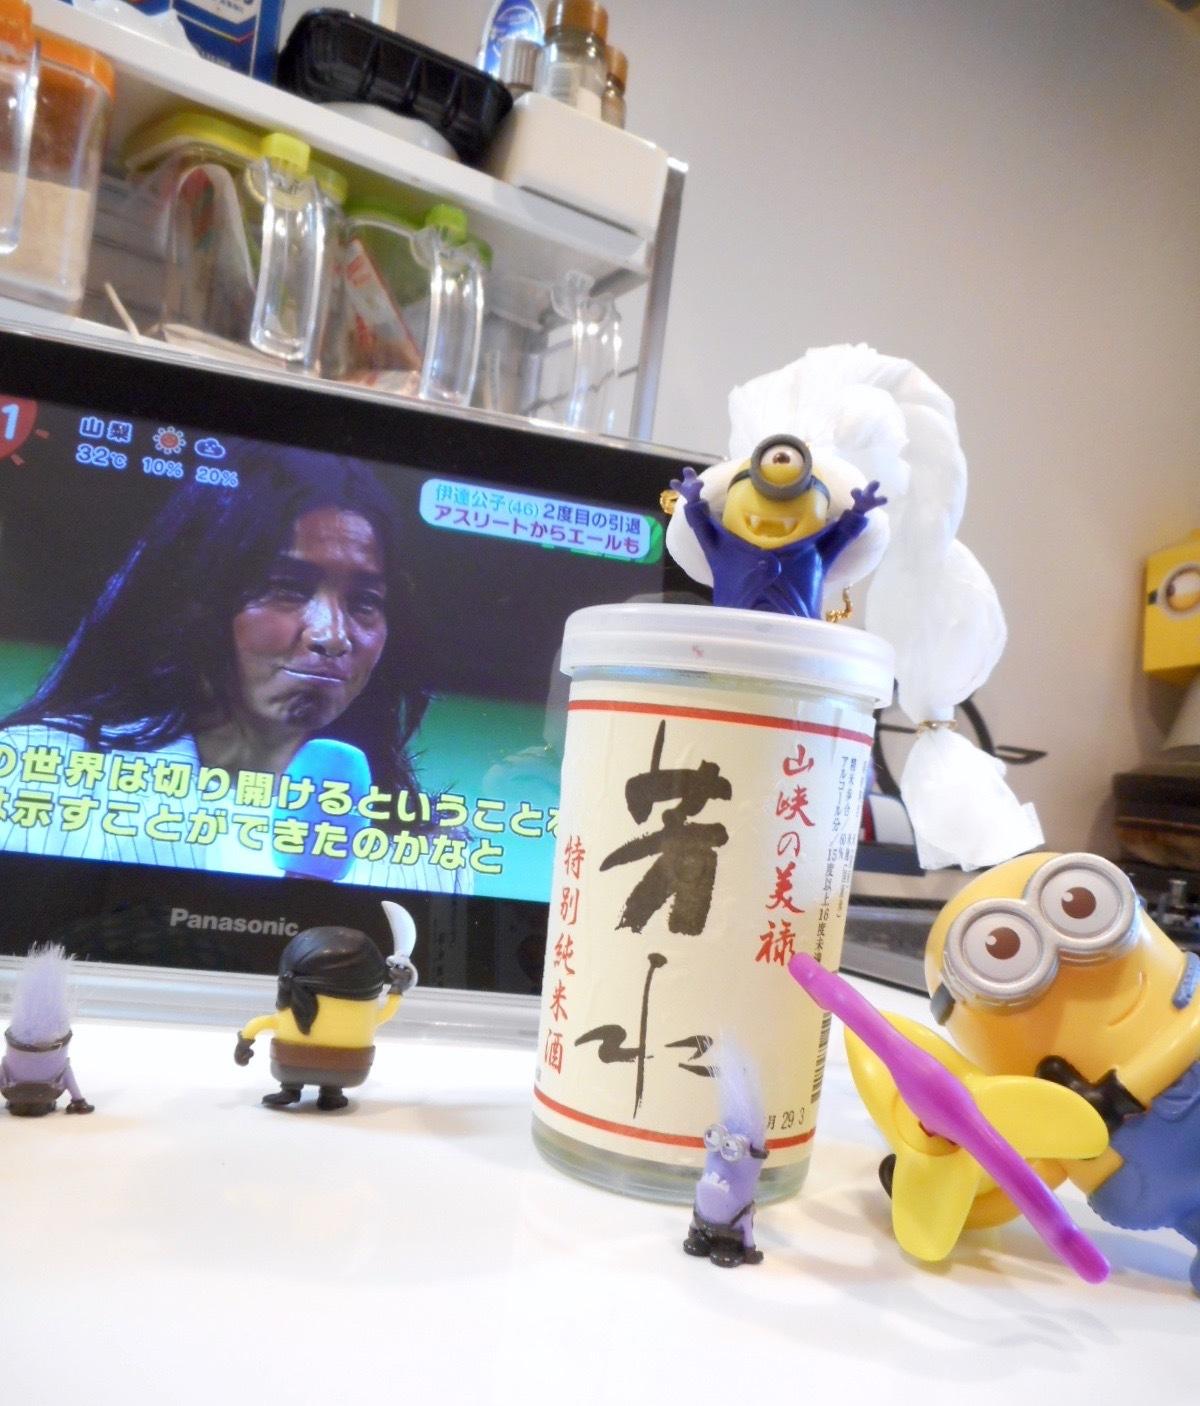 housui_cup29_3_3.jpg